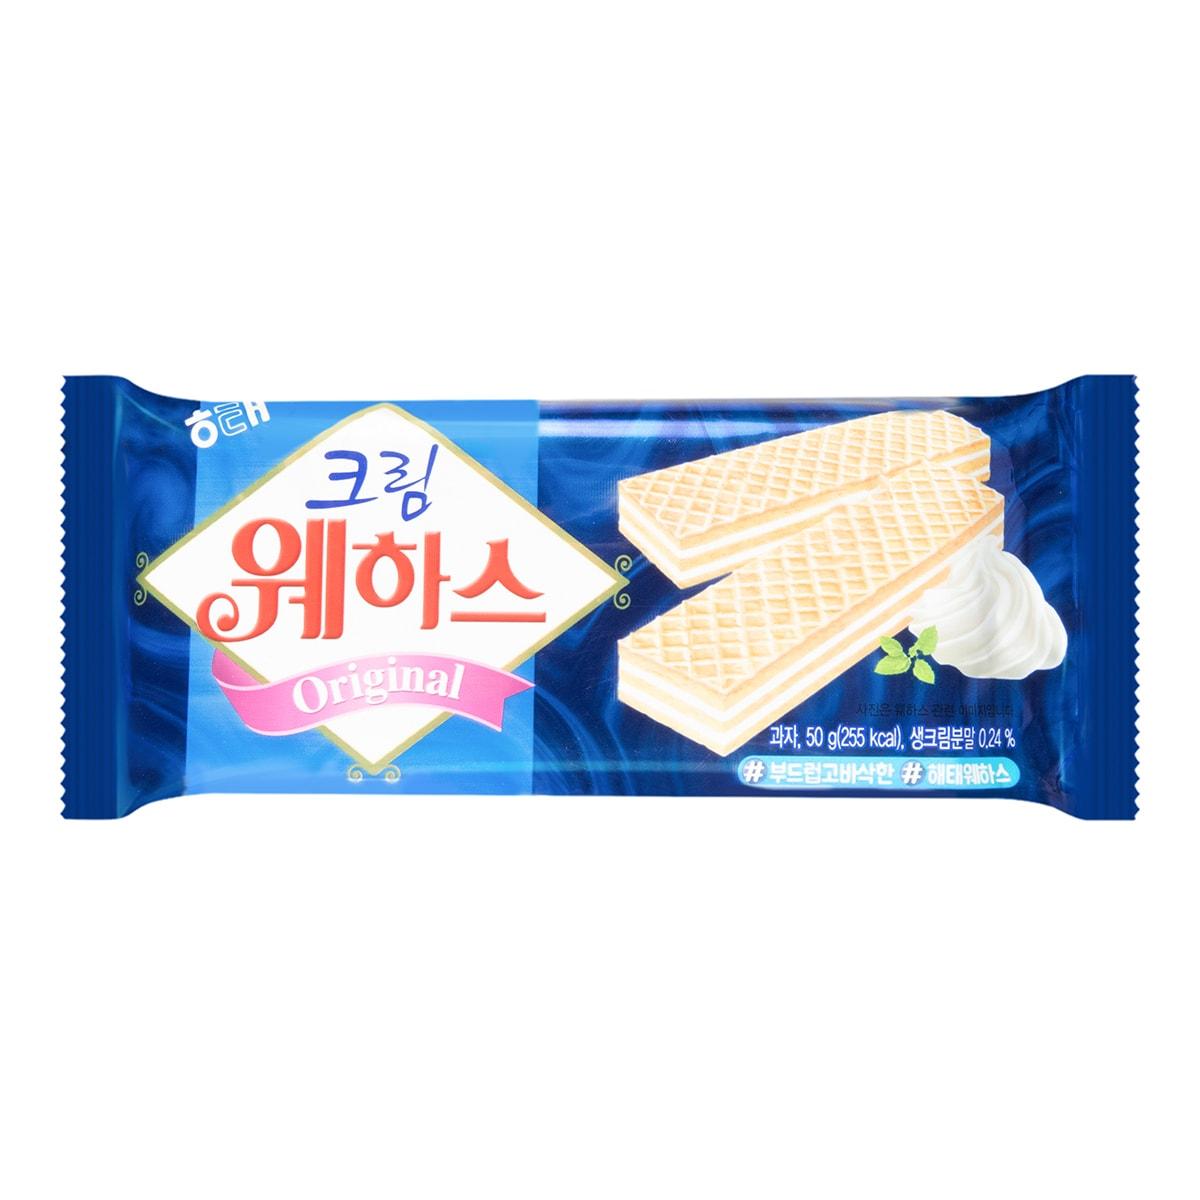 韩国HAITAI海太 冰激凌威化饼干 香草奶油口味 50g